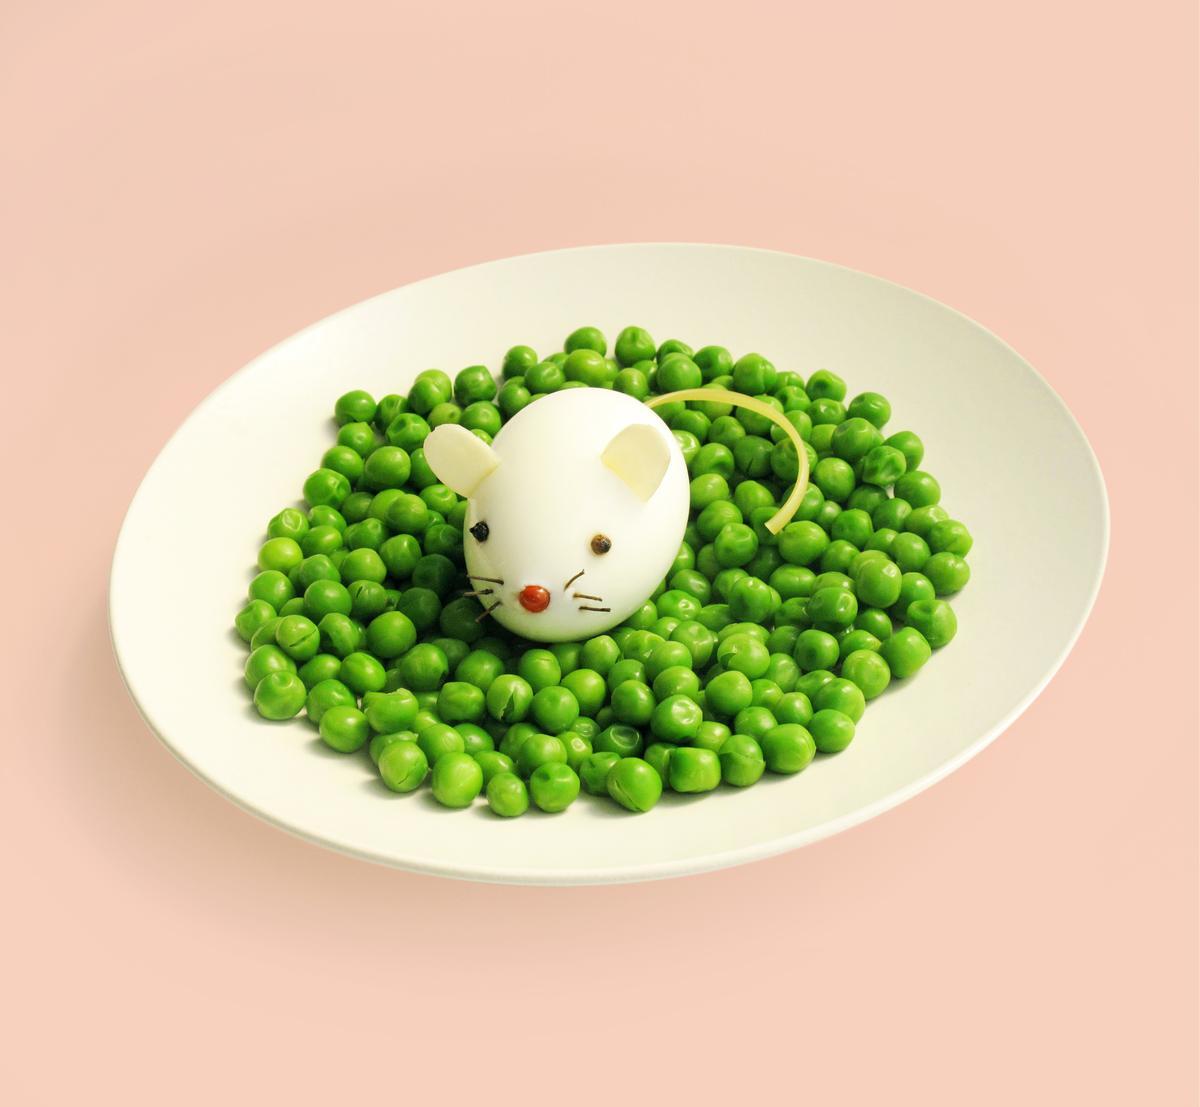 Recette uf dur sur lit de petits pois fa on souris - Comment cuisiner les petits pois ...